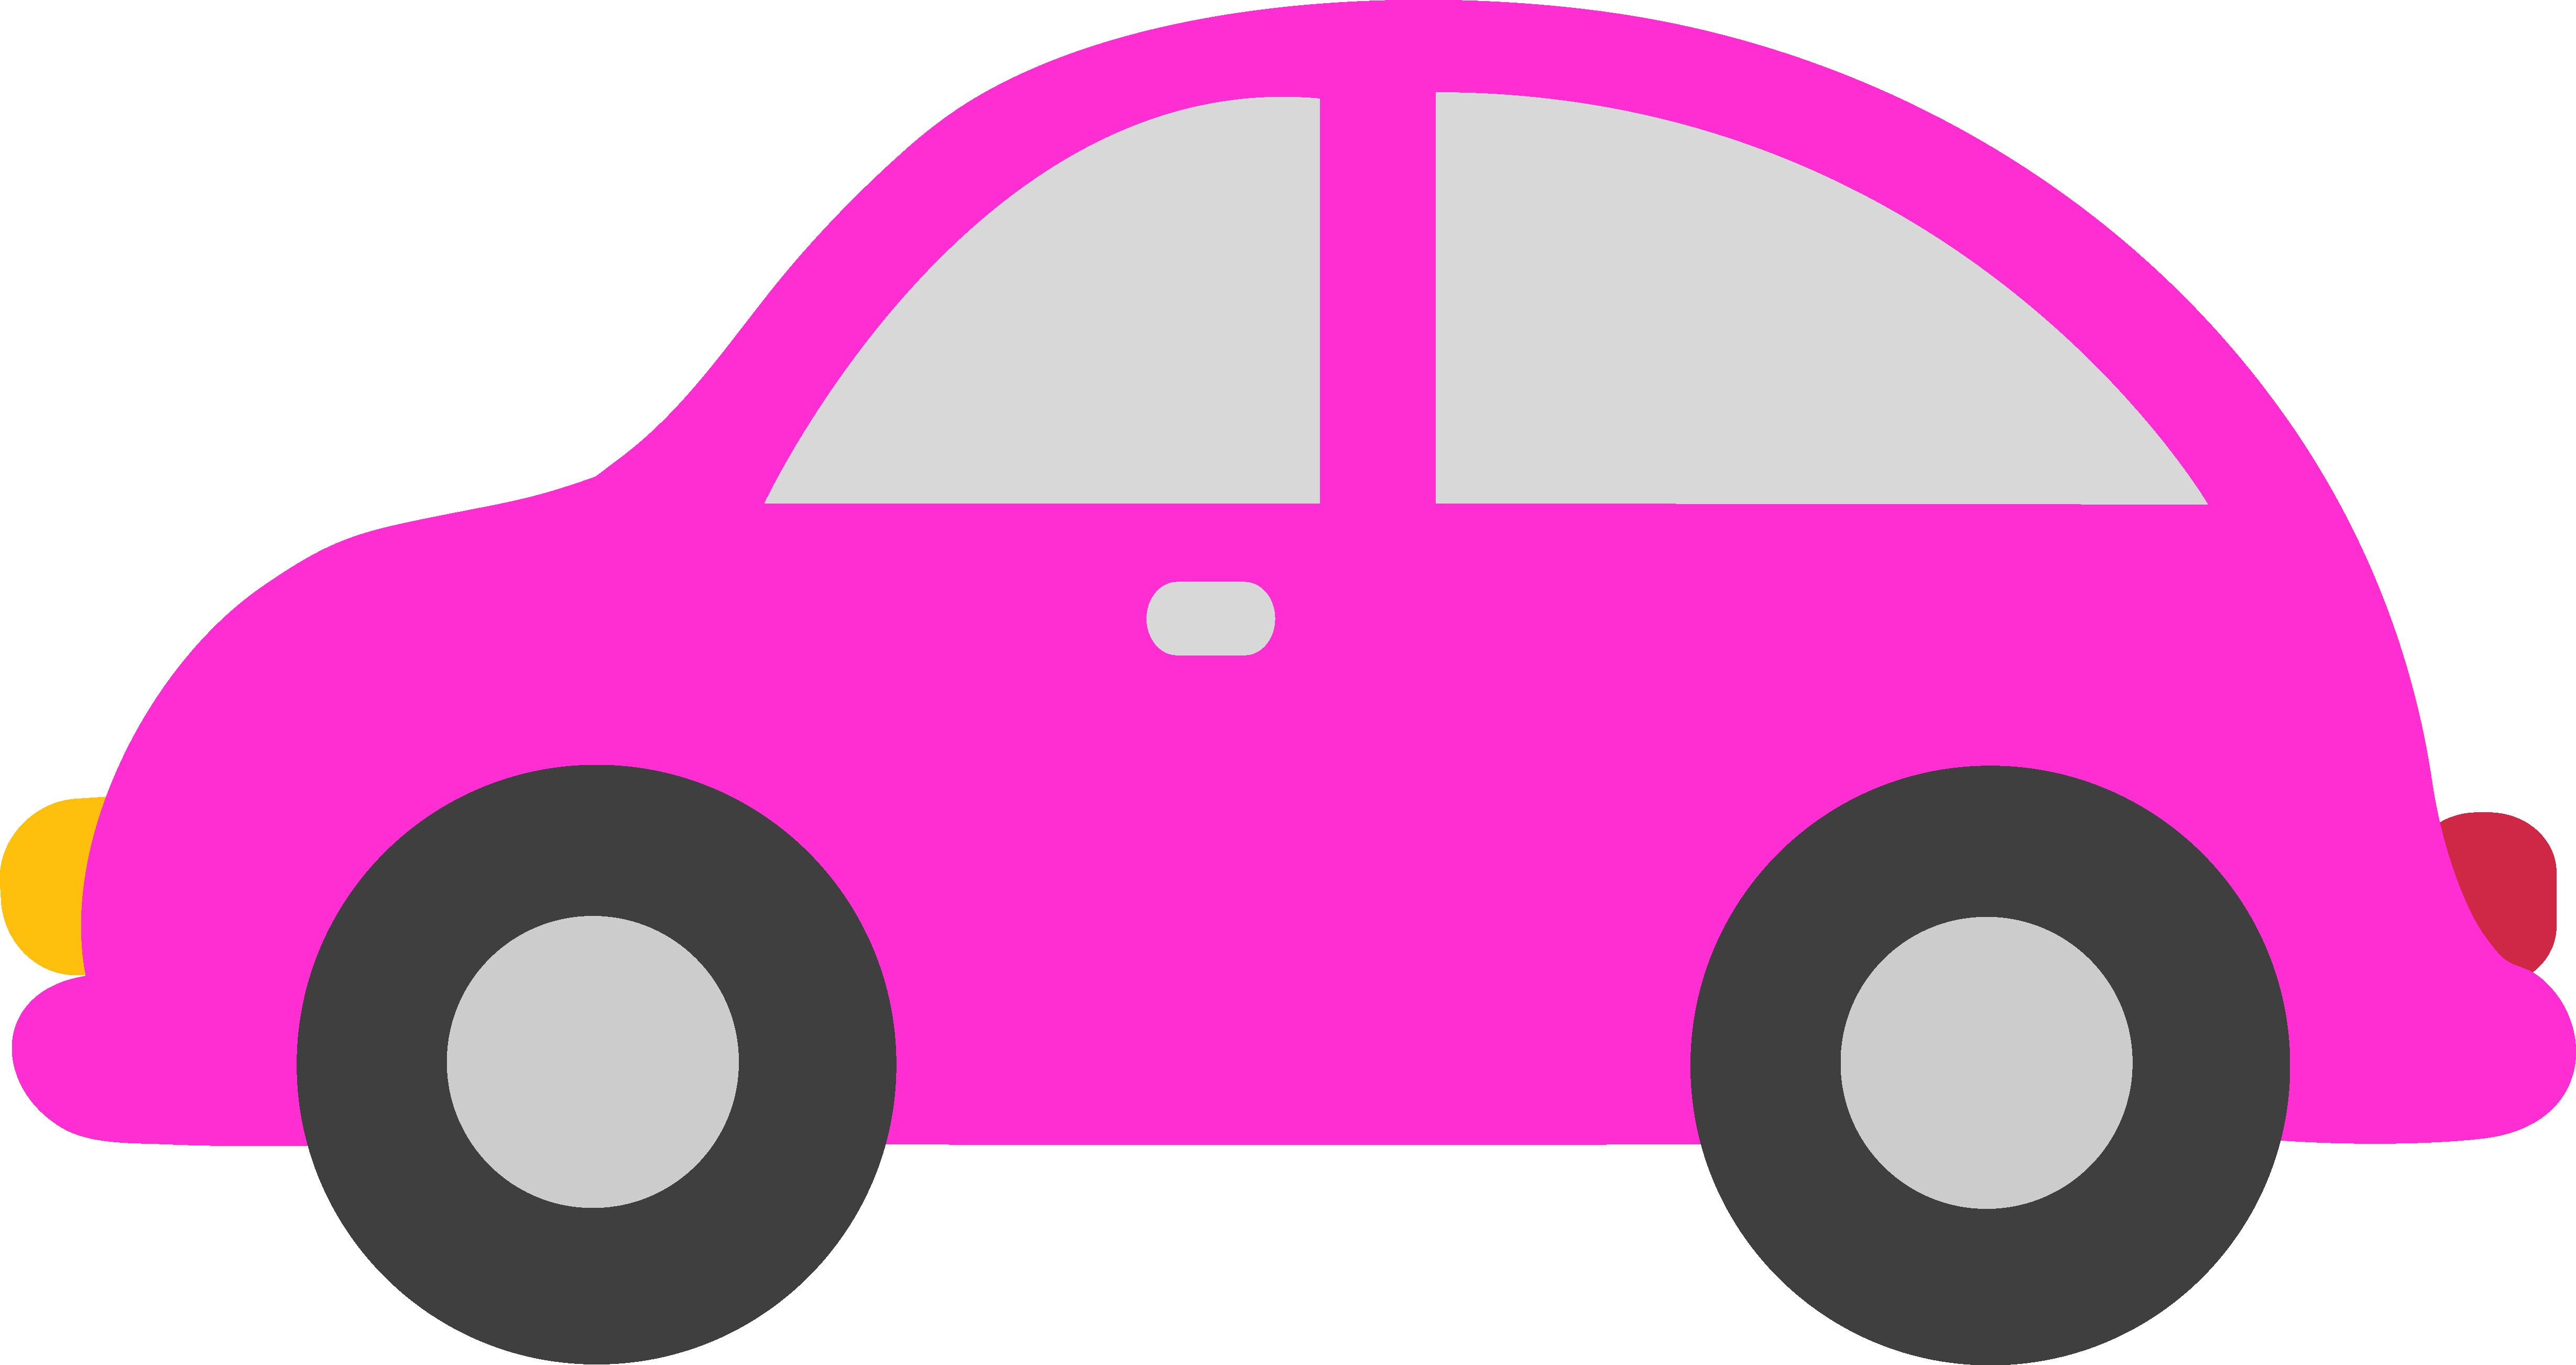 Picsart car clipart image transparent download Pink Toy Car Clipart - Free Clip Art image transparent download